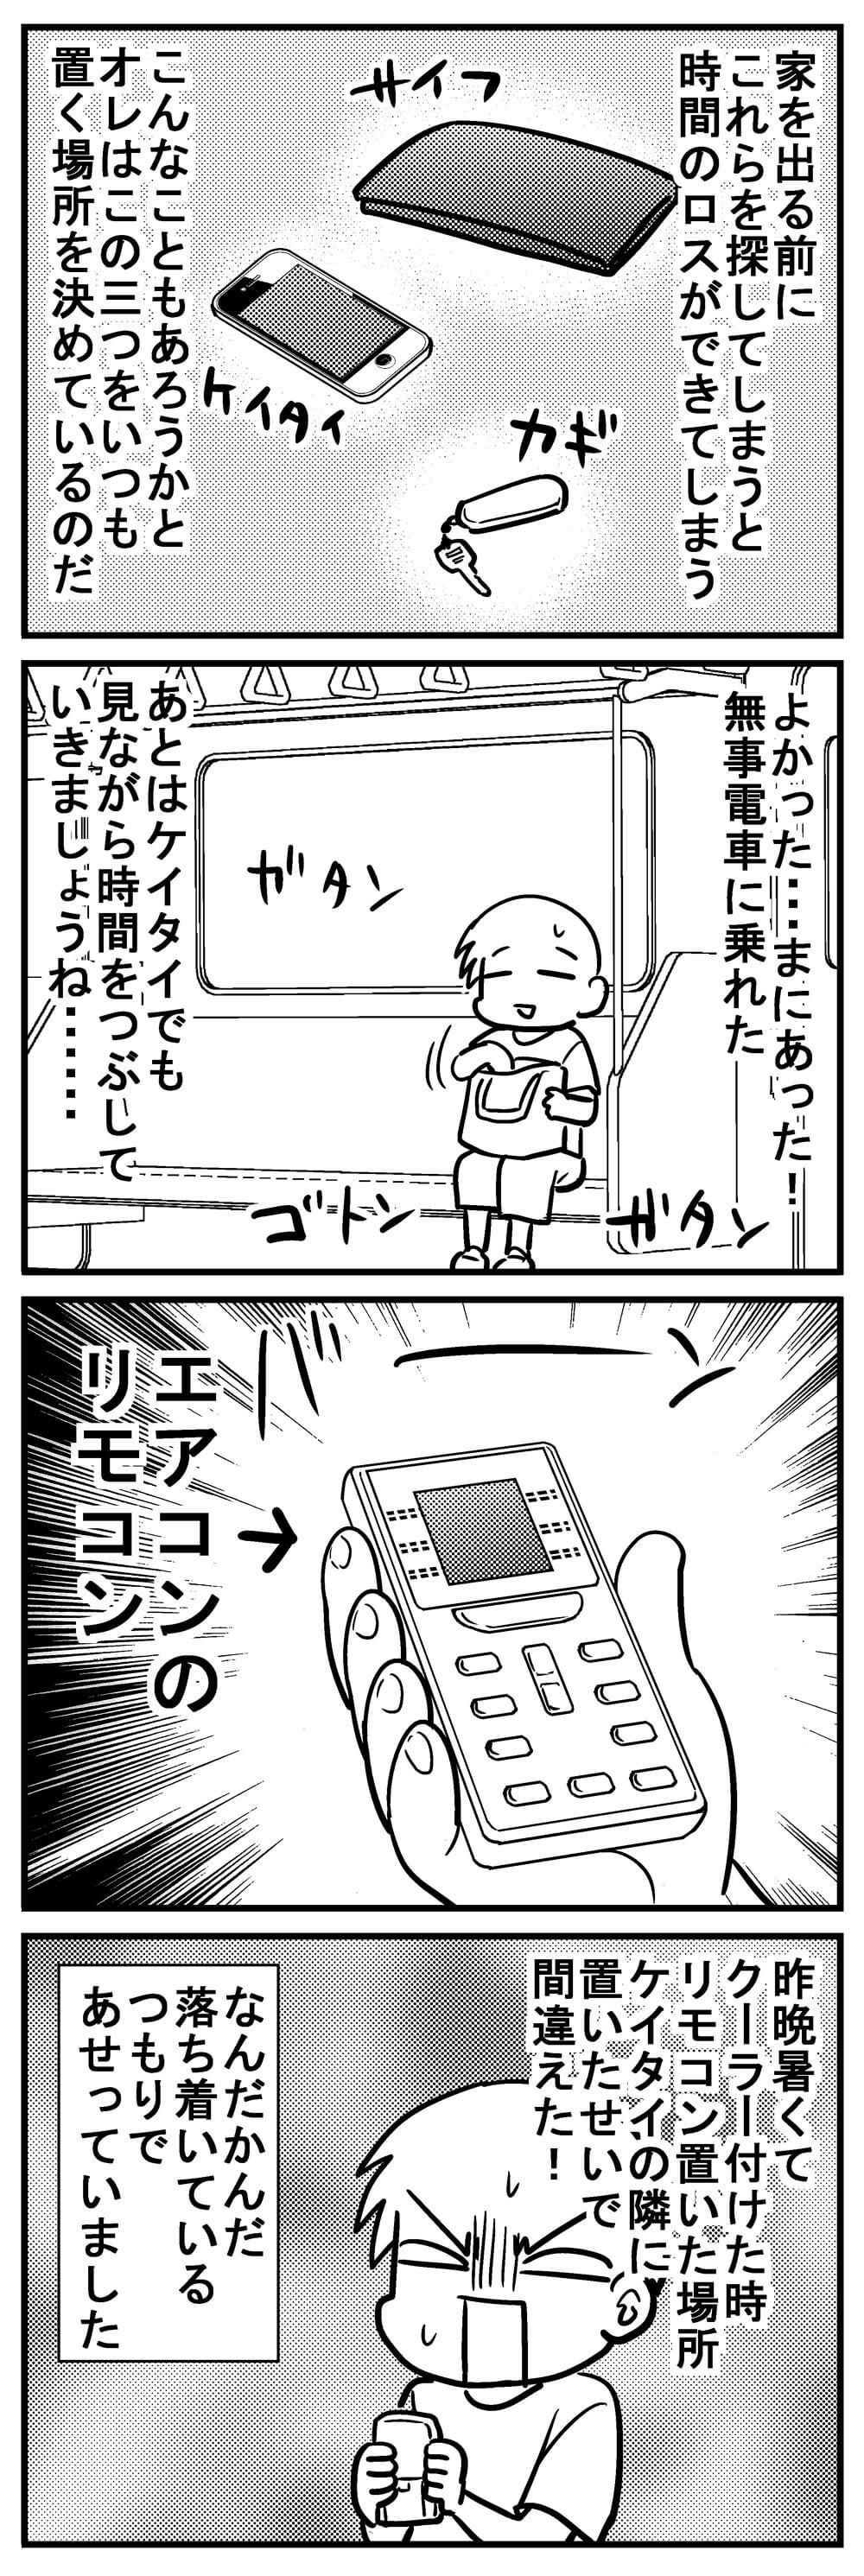 深読みくん154-2